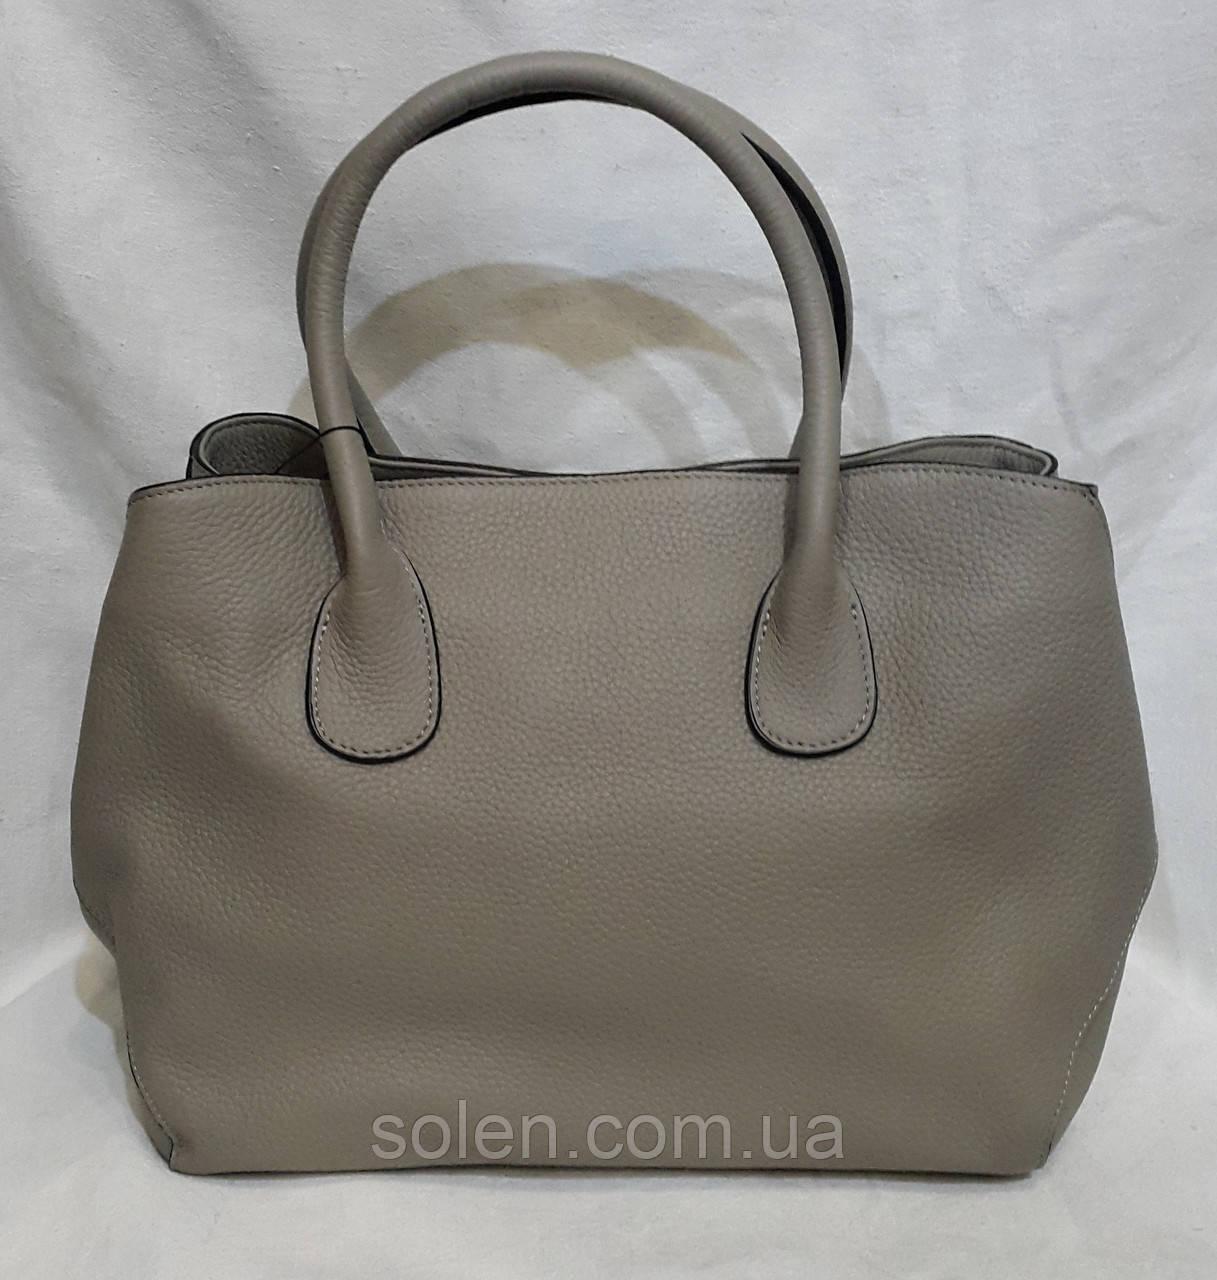 320d7ff66256 Стильная кожаная сумка . Стильная кожаная сумка. : продажа, цена в ...